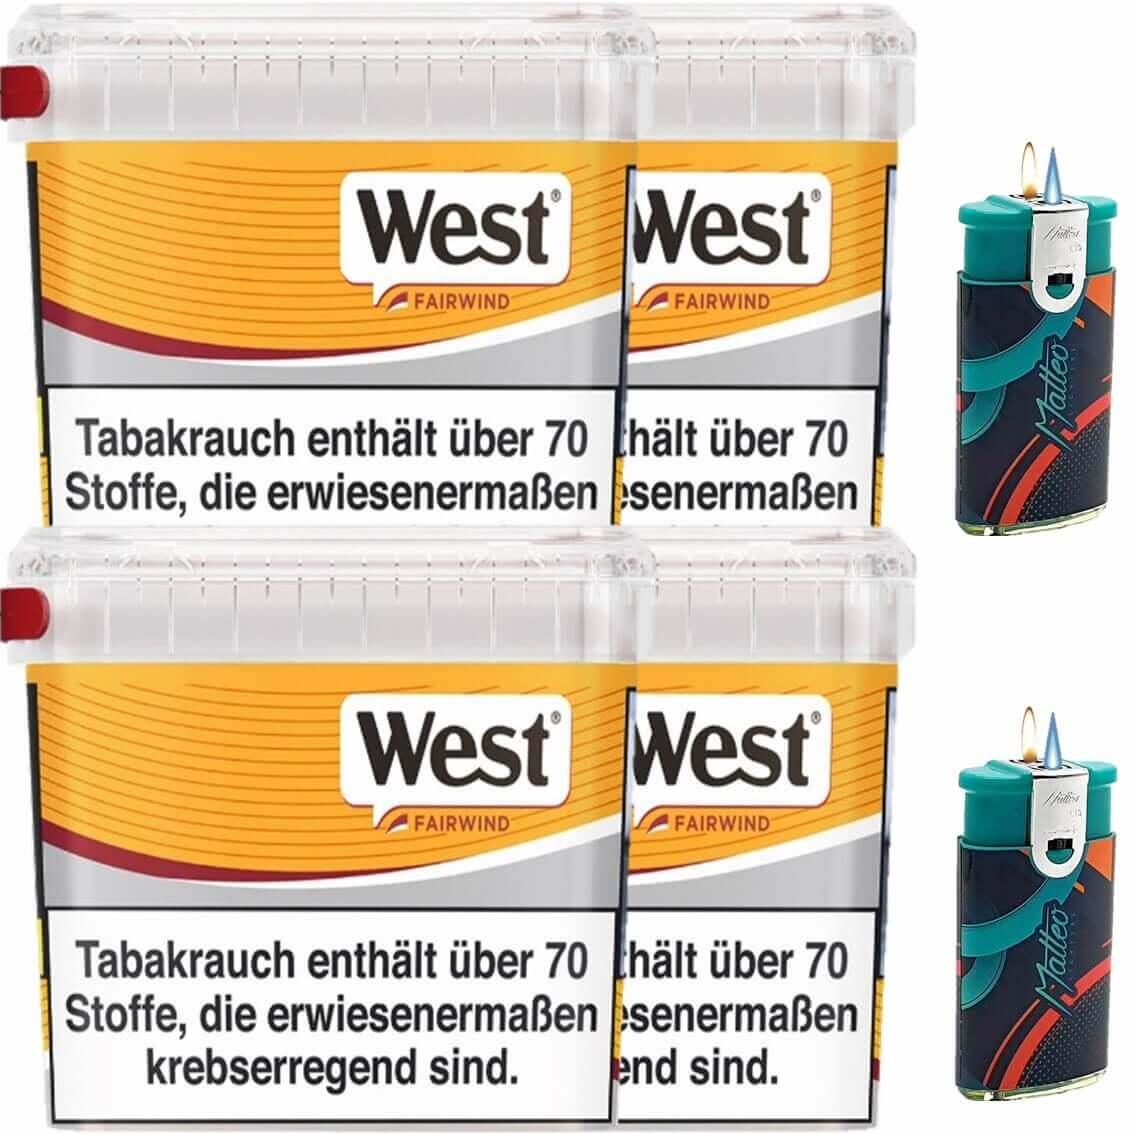 West Yellow Fairwind 4 x 215g Volumentabak 2 x Duo Feuerzeuge mit 2 Flammen